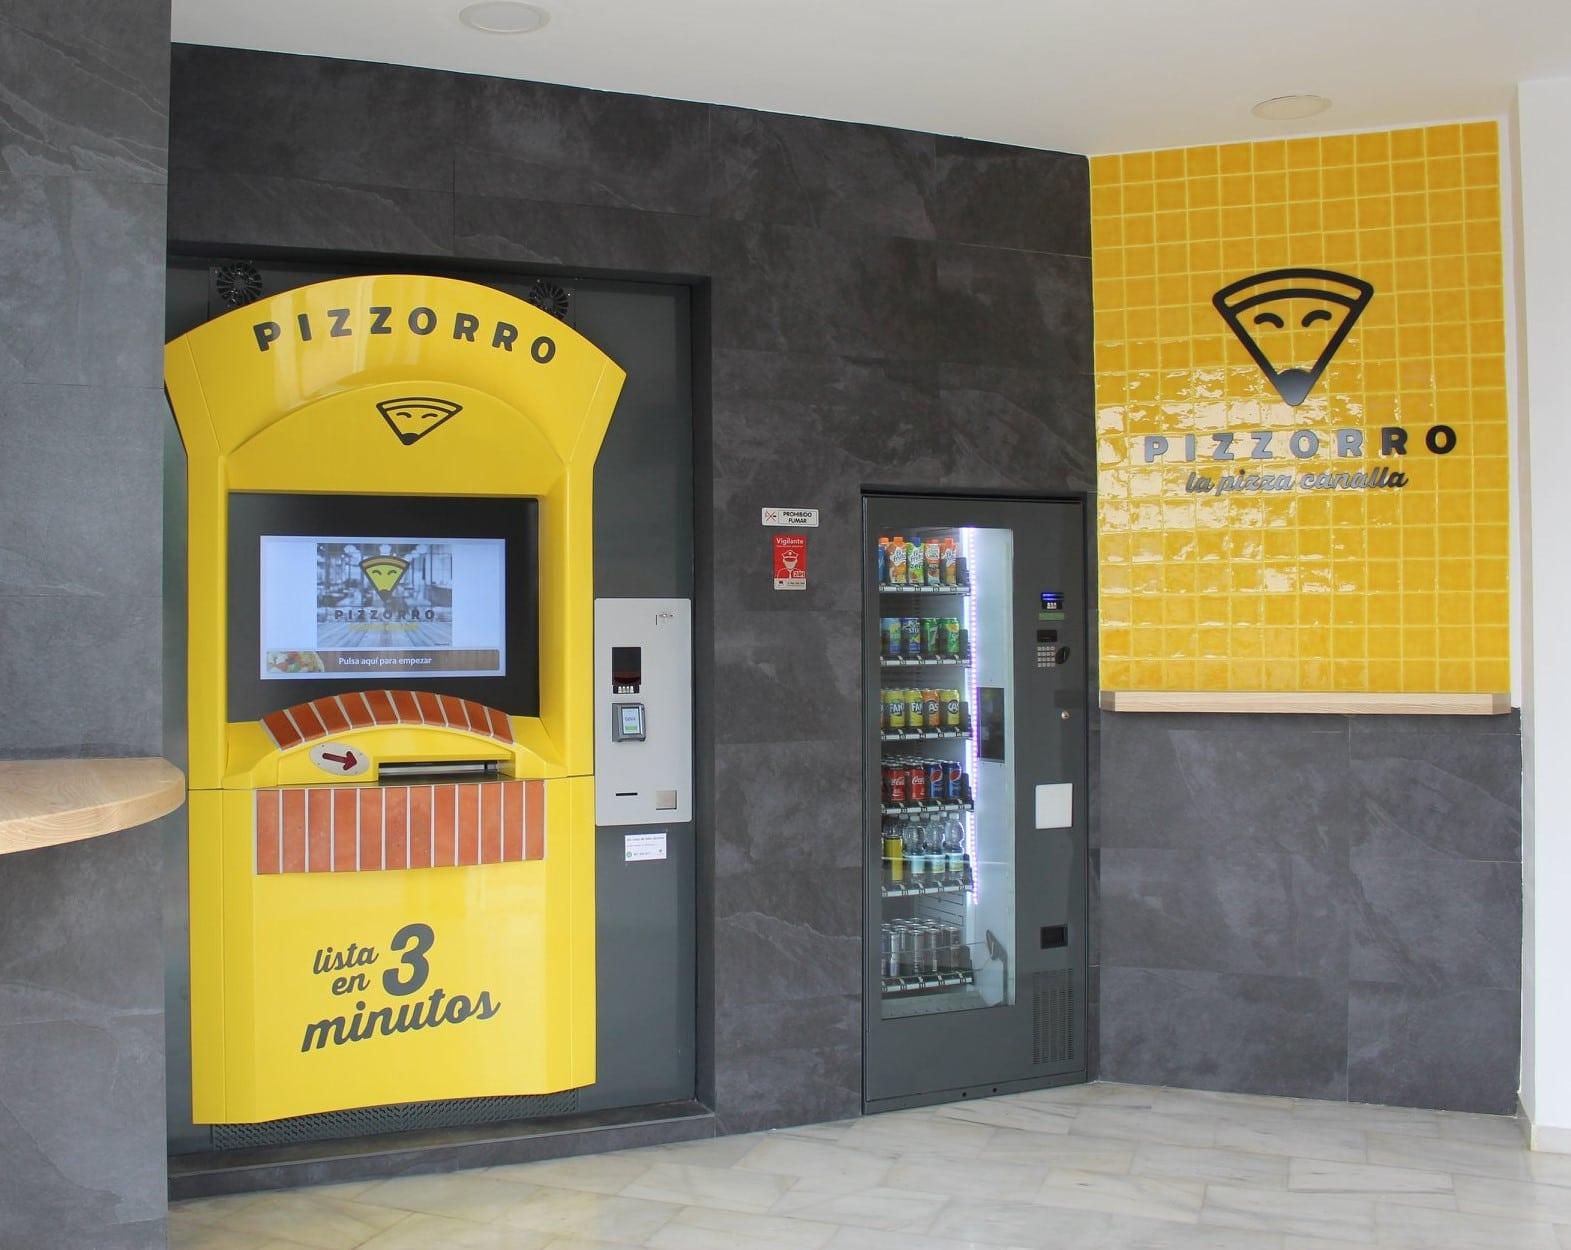 Distributeur automatique de pizza : la solution pour les restaurateurs et pizzaiolo, espagne 2019